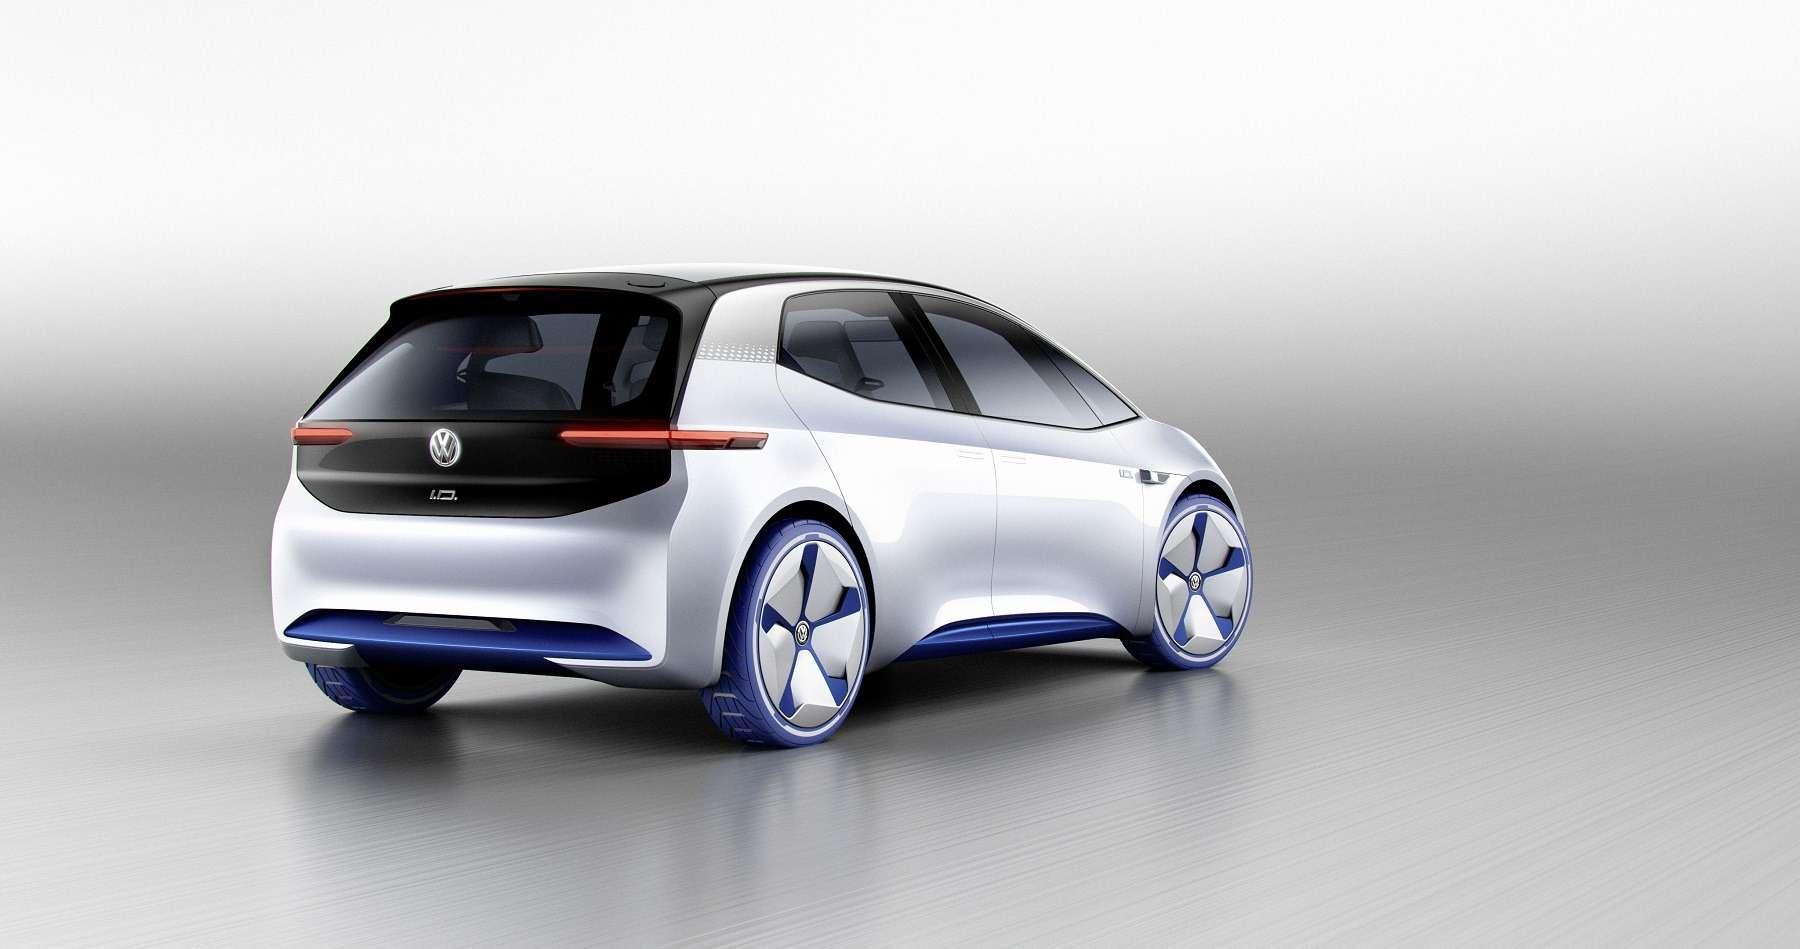 Бестселлер нового мира: Volkswagen намекнул набудущий электрокар— фото 641352